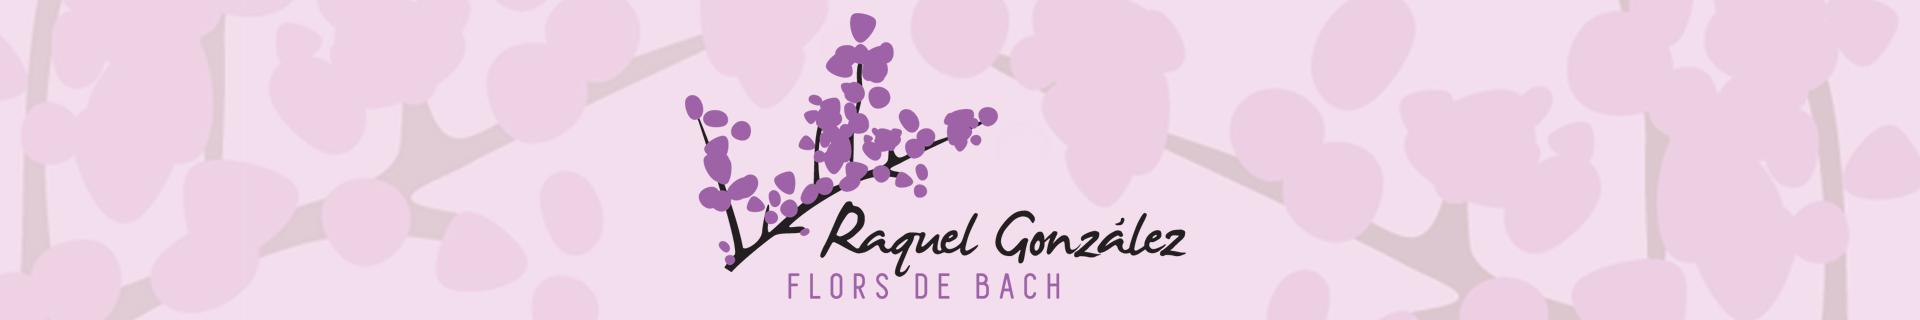 cursos Raquel Gonzalez. Formación en flores de Bach